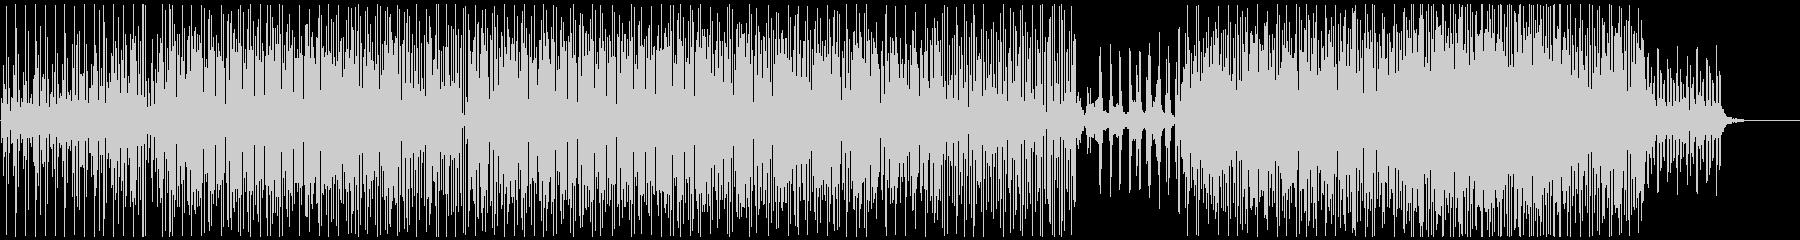 ピアノを基調としたミニマルテクノ/ハウスの未再生の波形